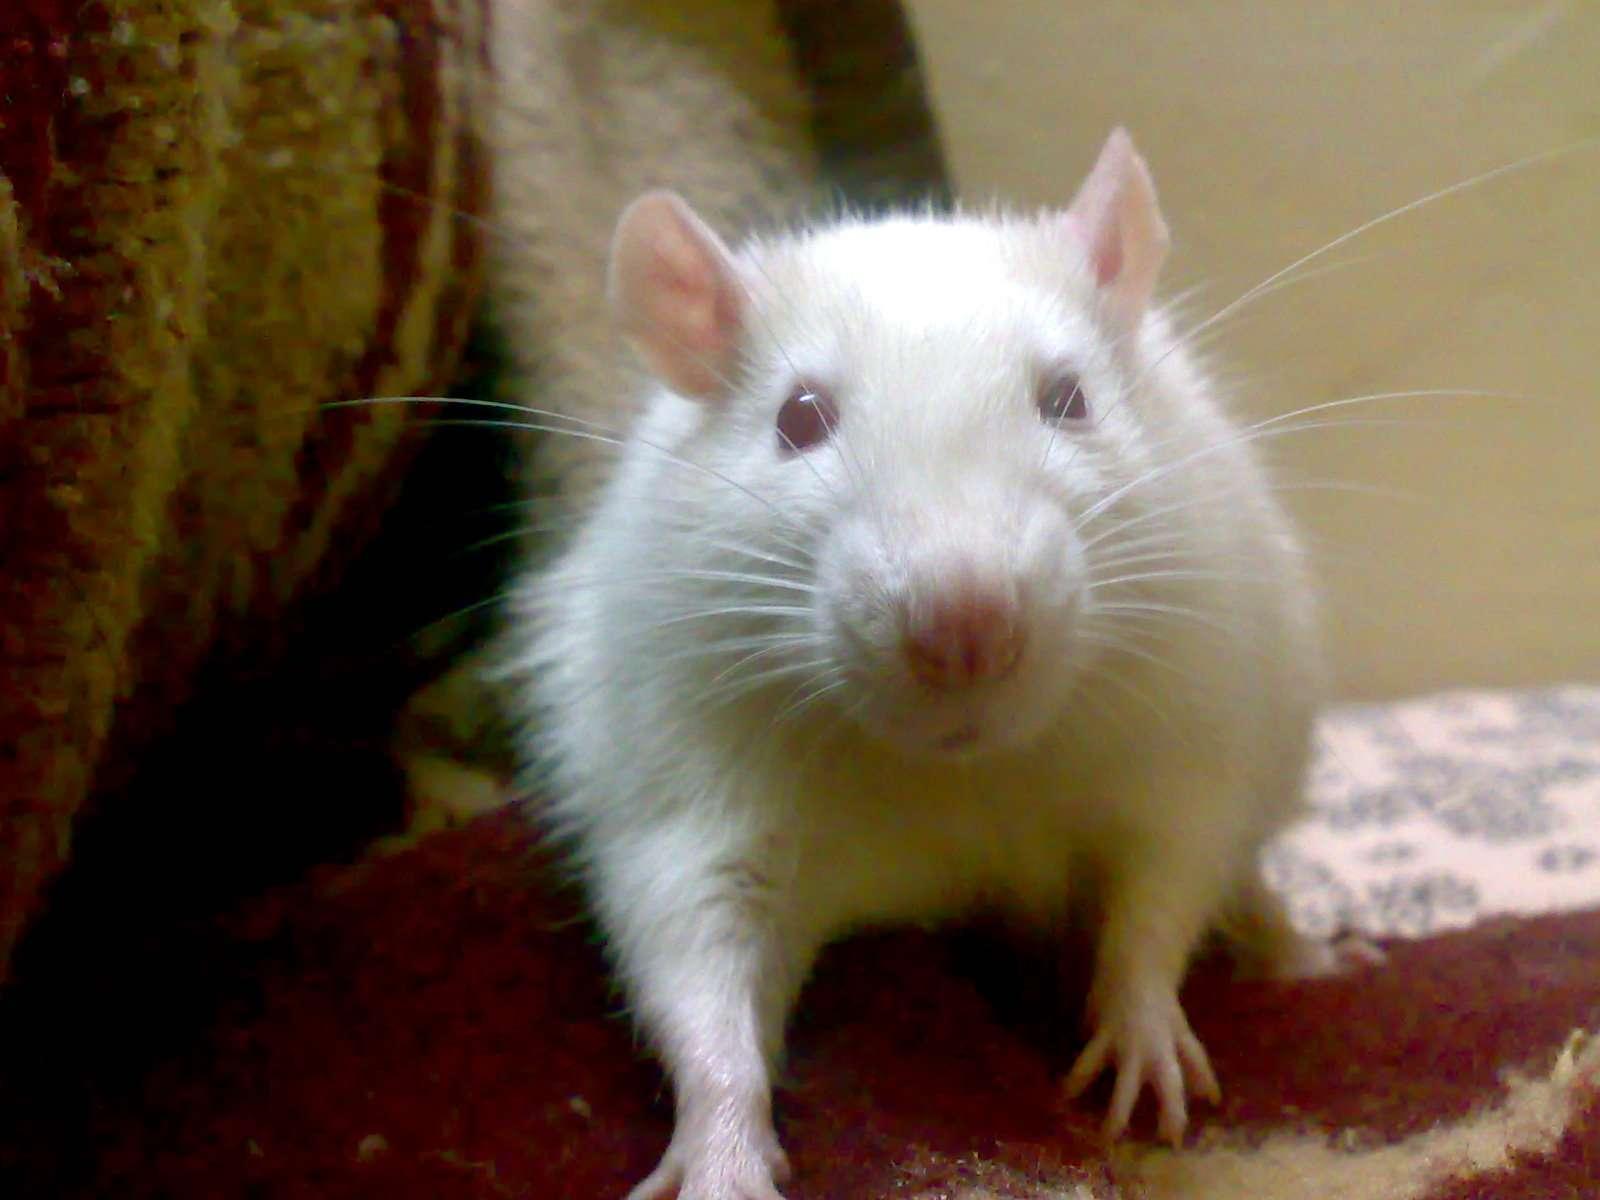 Les bébés de rats obèses vieillissent plus vite